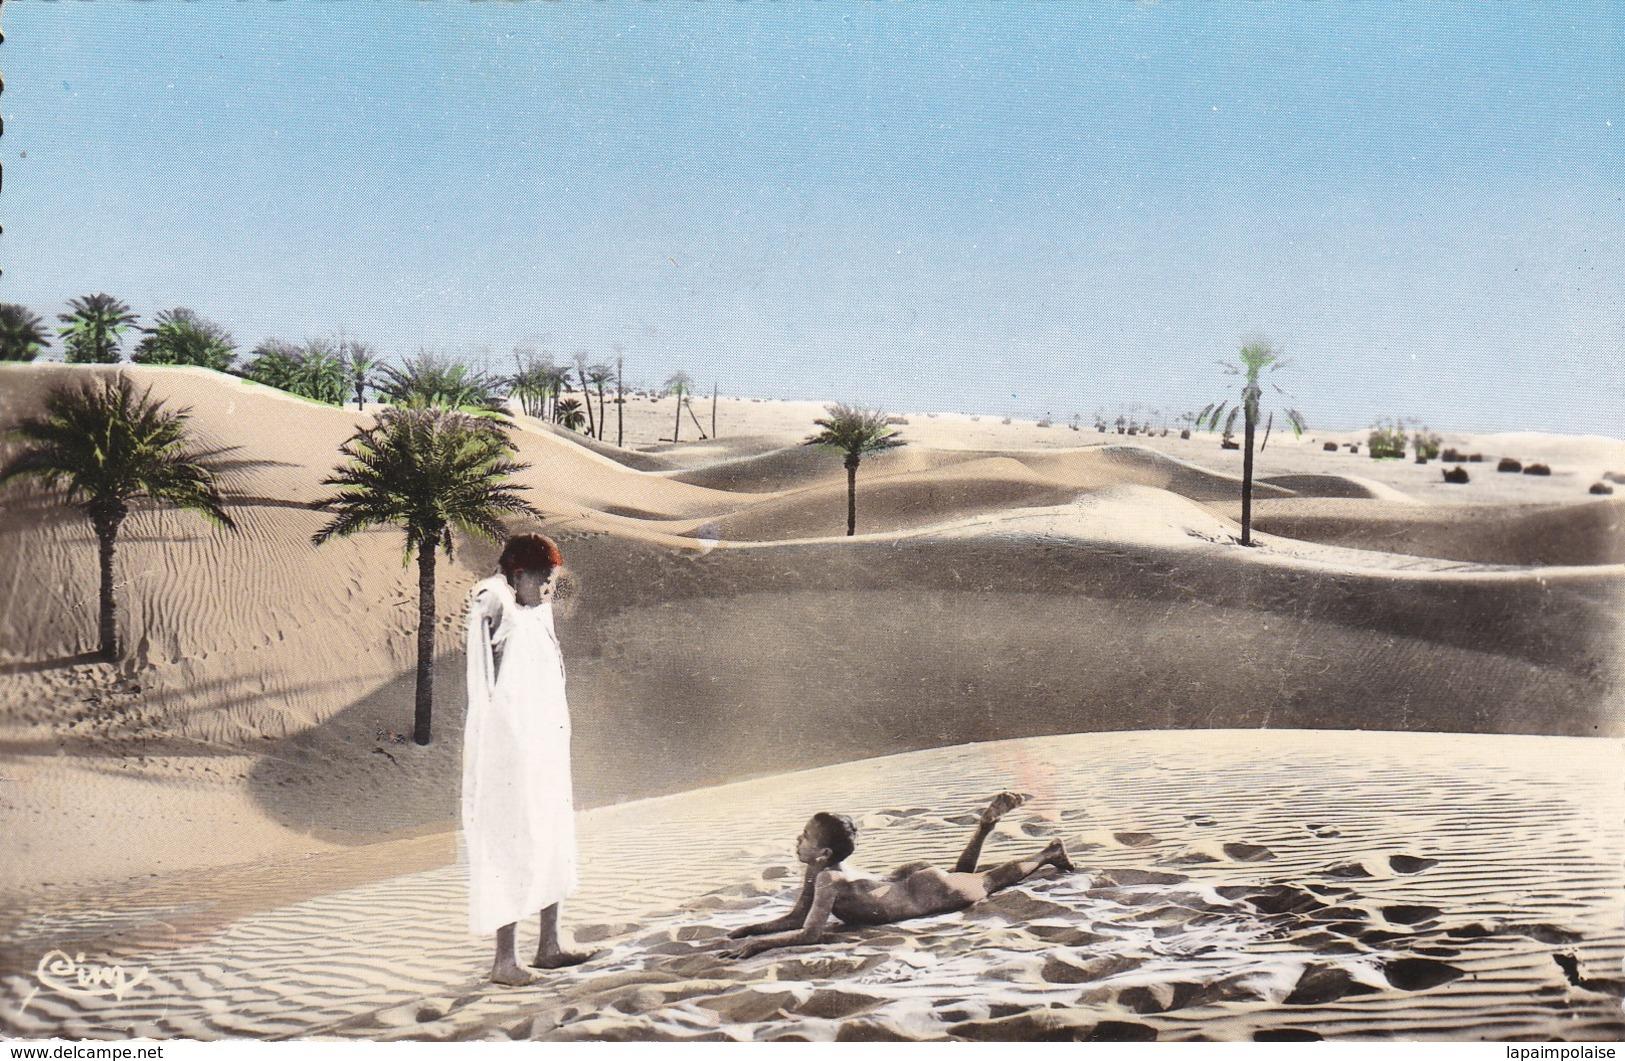 Cartes Postales > Afrique > Algérie > Scènes & Types Dans La Palmeraie Collection Artistique L'Afrique - Algeria